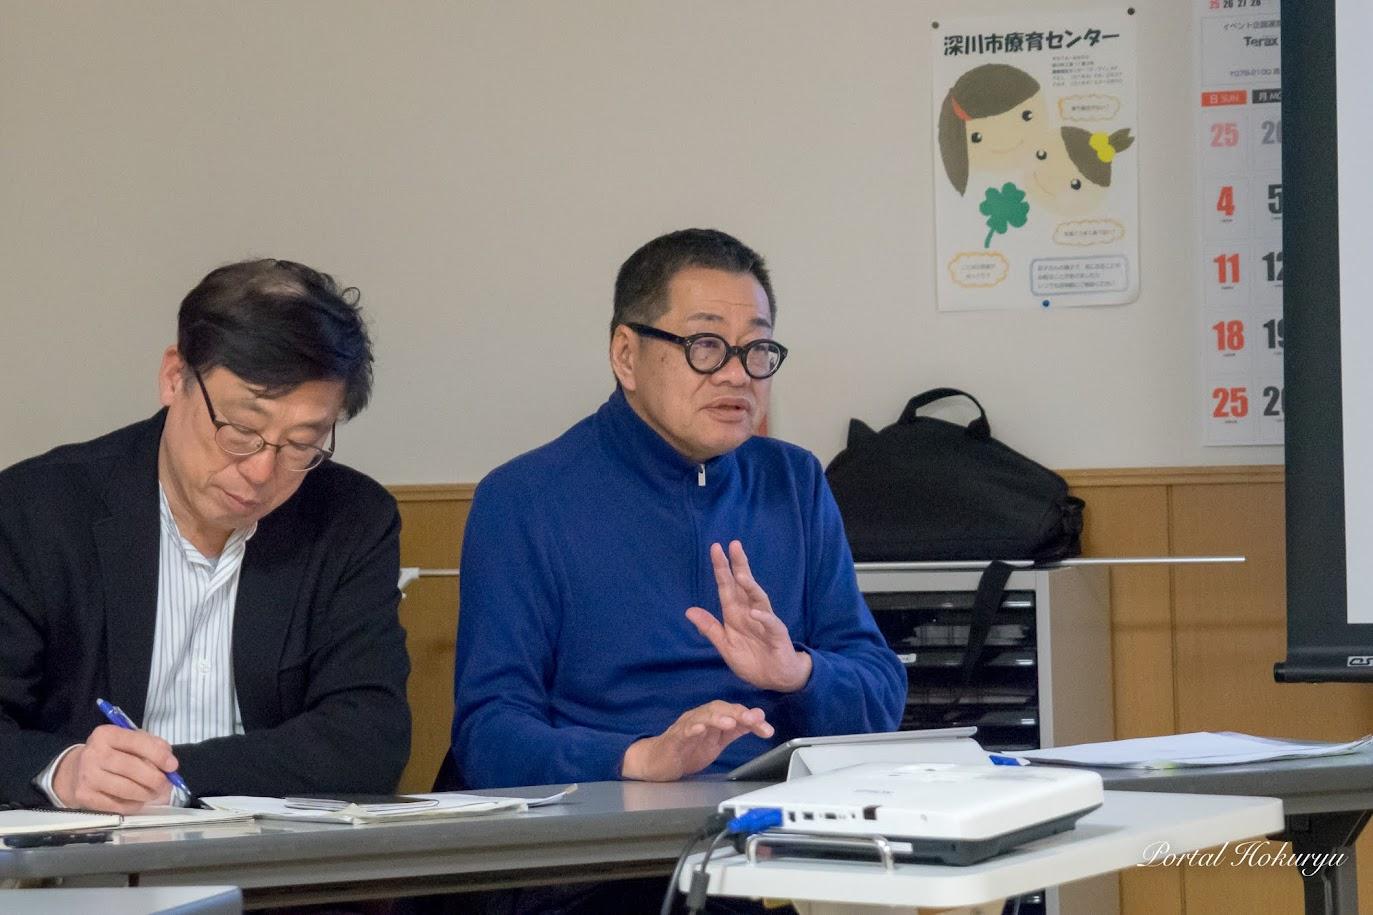 デザイナー・梅原真 氏(右)立正大学・鈴木輝隆 特任教授(左)